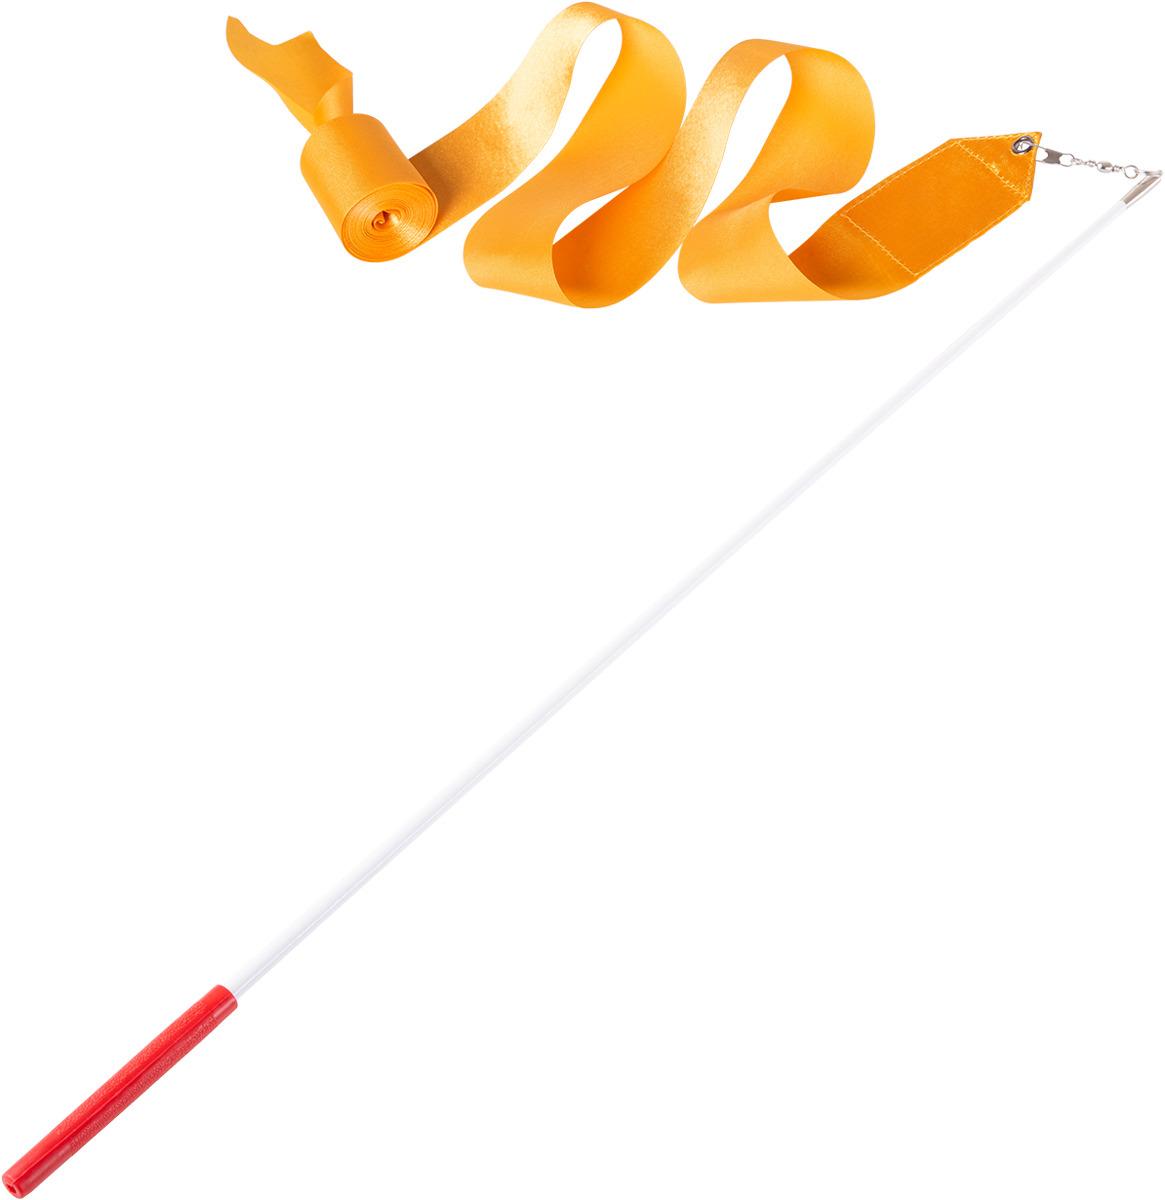 Лента для художественной гимнастики Amely AGR-201, длина 6 м, с палочкой 56 см, цвет: оранжевый лонгслив для гимнастики малыши